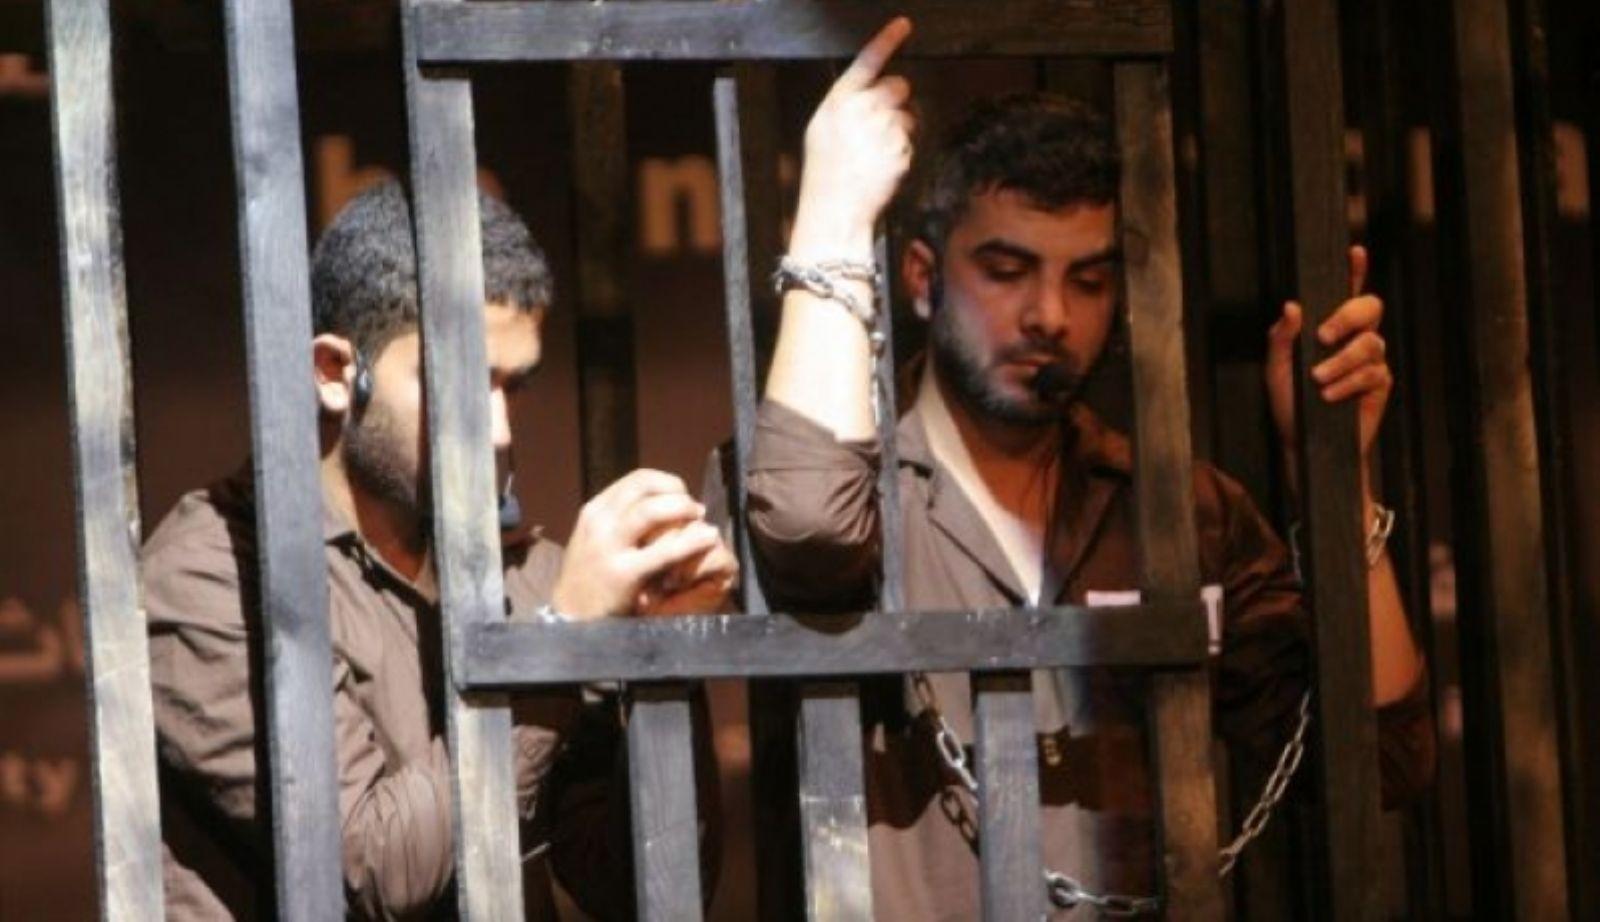 معتقلو مجدو يدعون المؤسسات الحقوقية للضغط على الاحتلال لوقف تركيب أجهزة تشويش